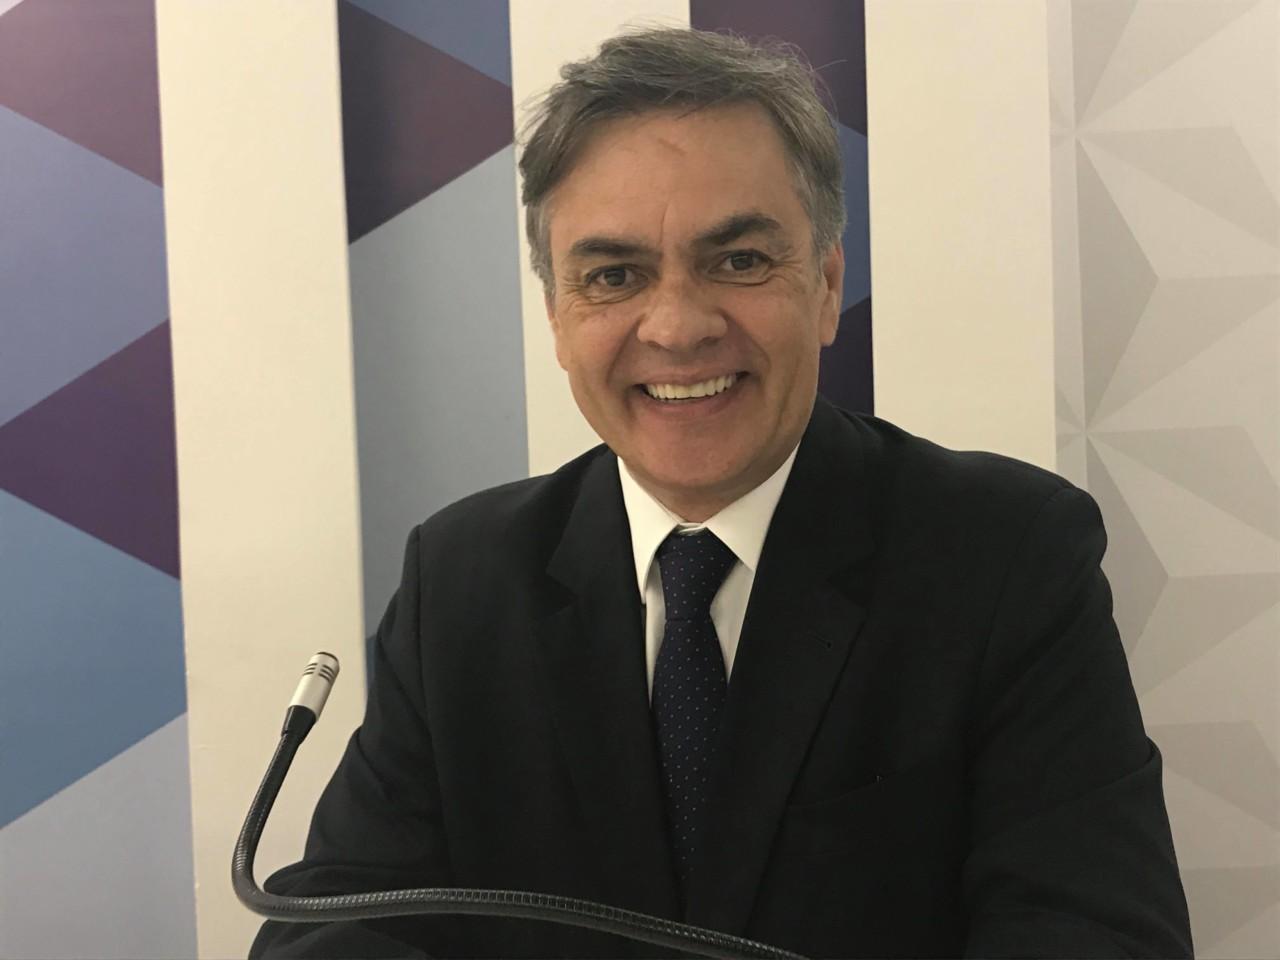 25577473 1663236783732481 2011983471 o - APOIO DOS CUNHA LIMA: Cássio diz que até Pedro não iria compor chapa majoritária para 'facilitar' para Romero